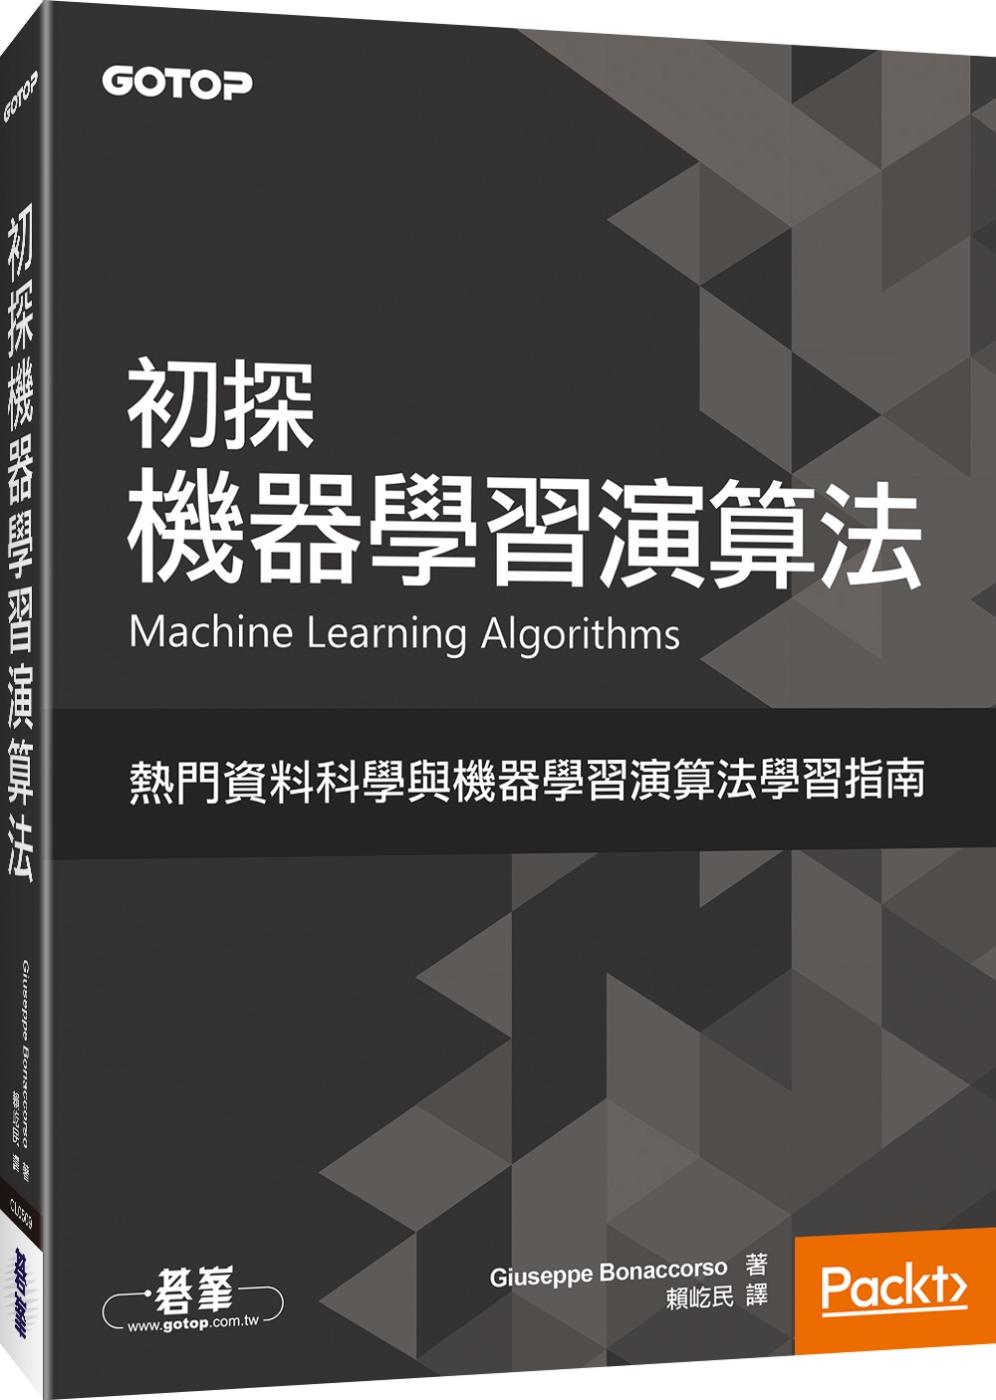 初探機器學習演算法